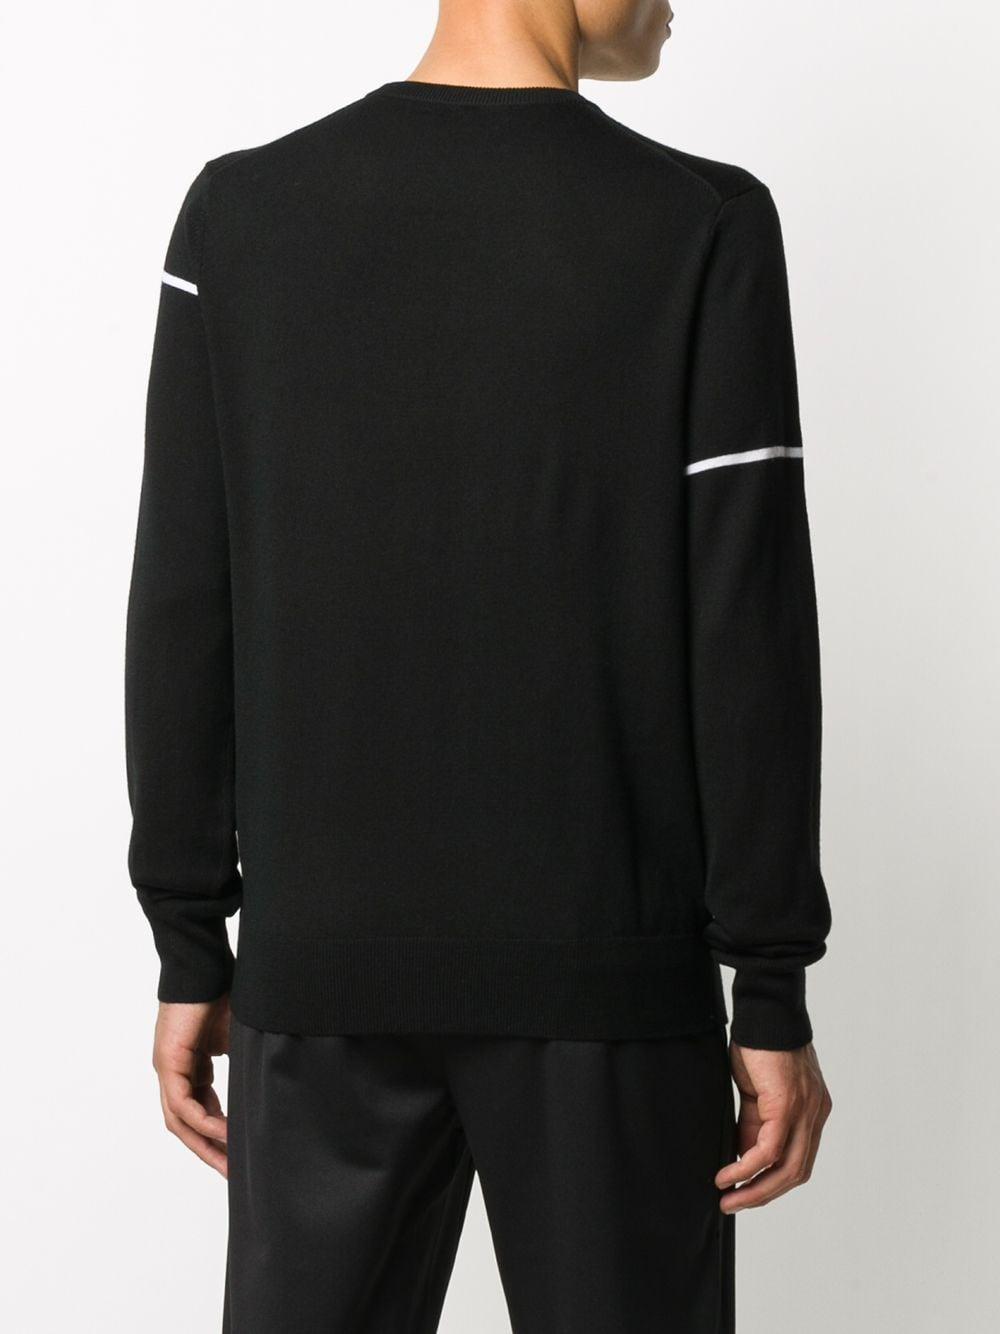 maglione con logo Givenchy ricamato in lana bianca e nera GIVENCHY | Maglieria Moda | BM90B4404X004